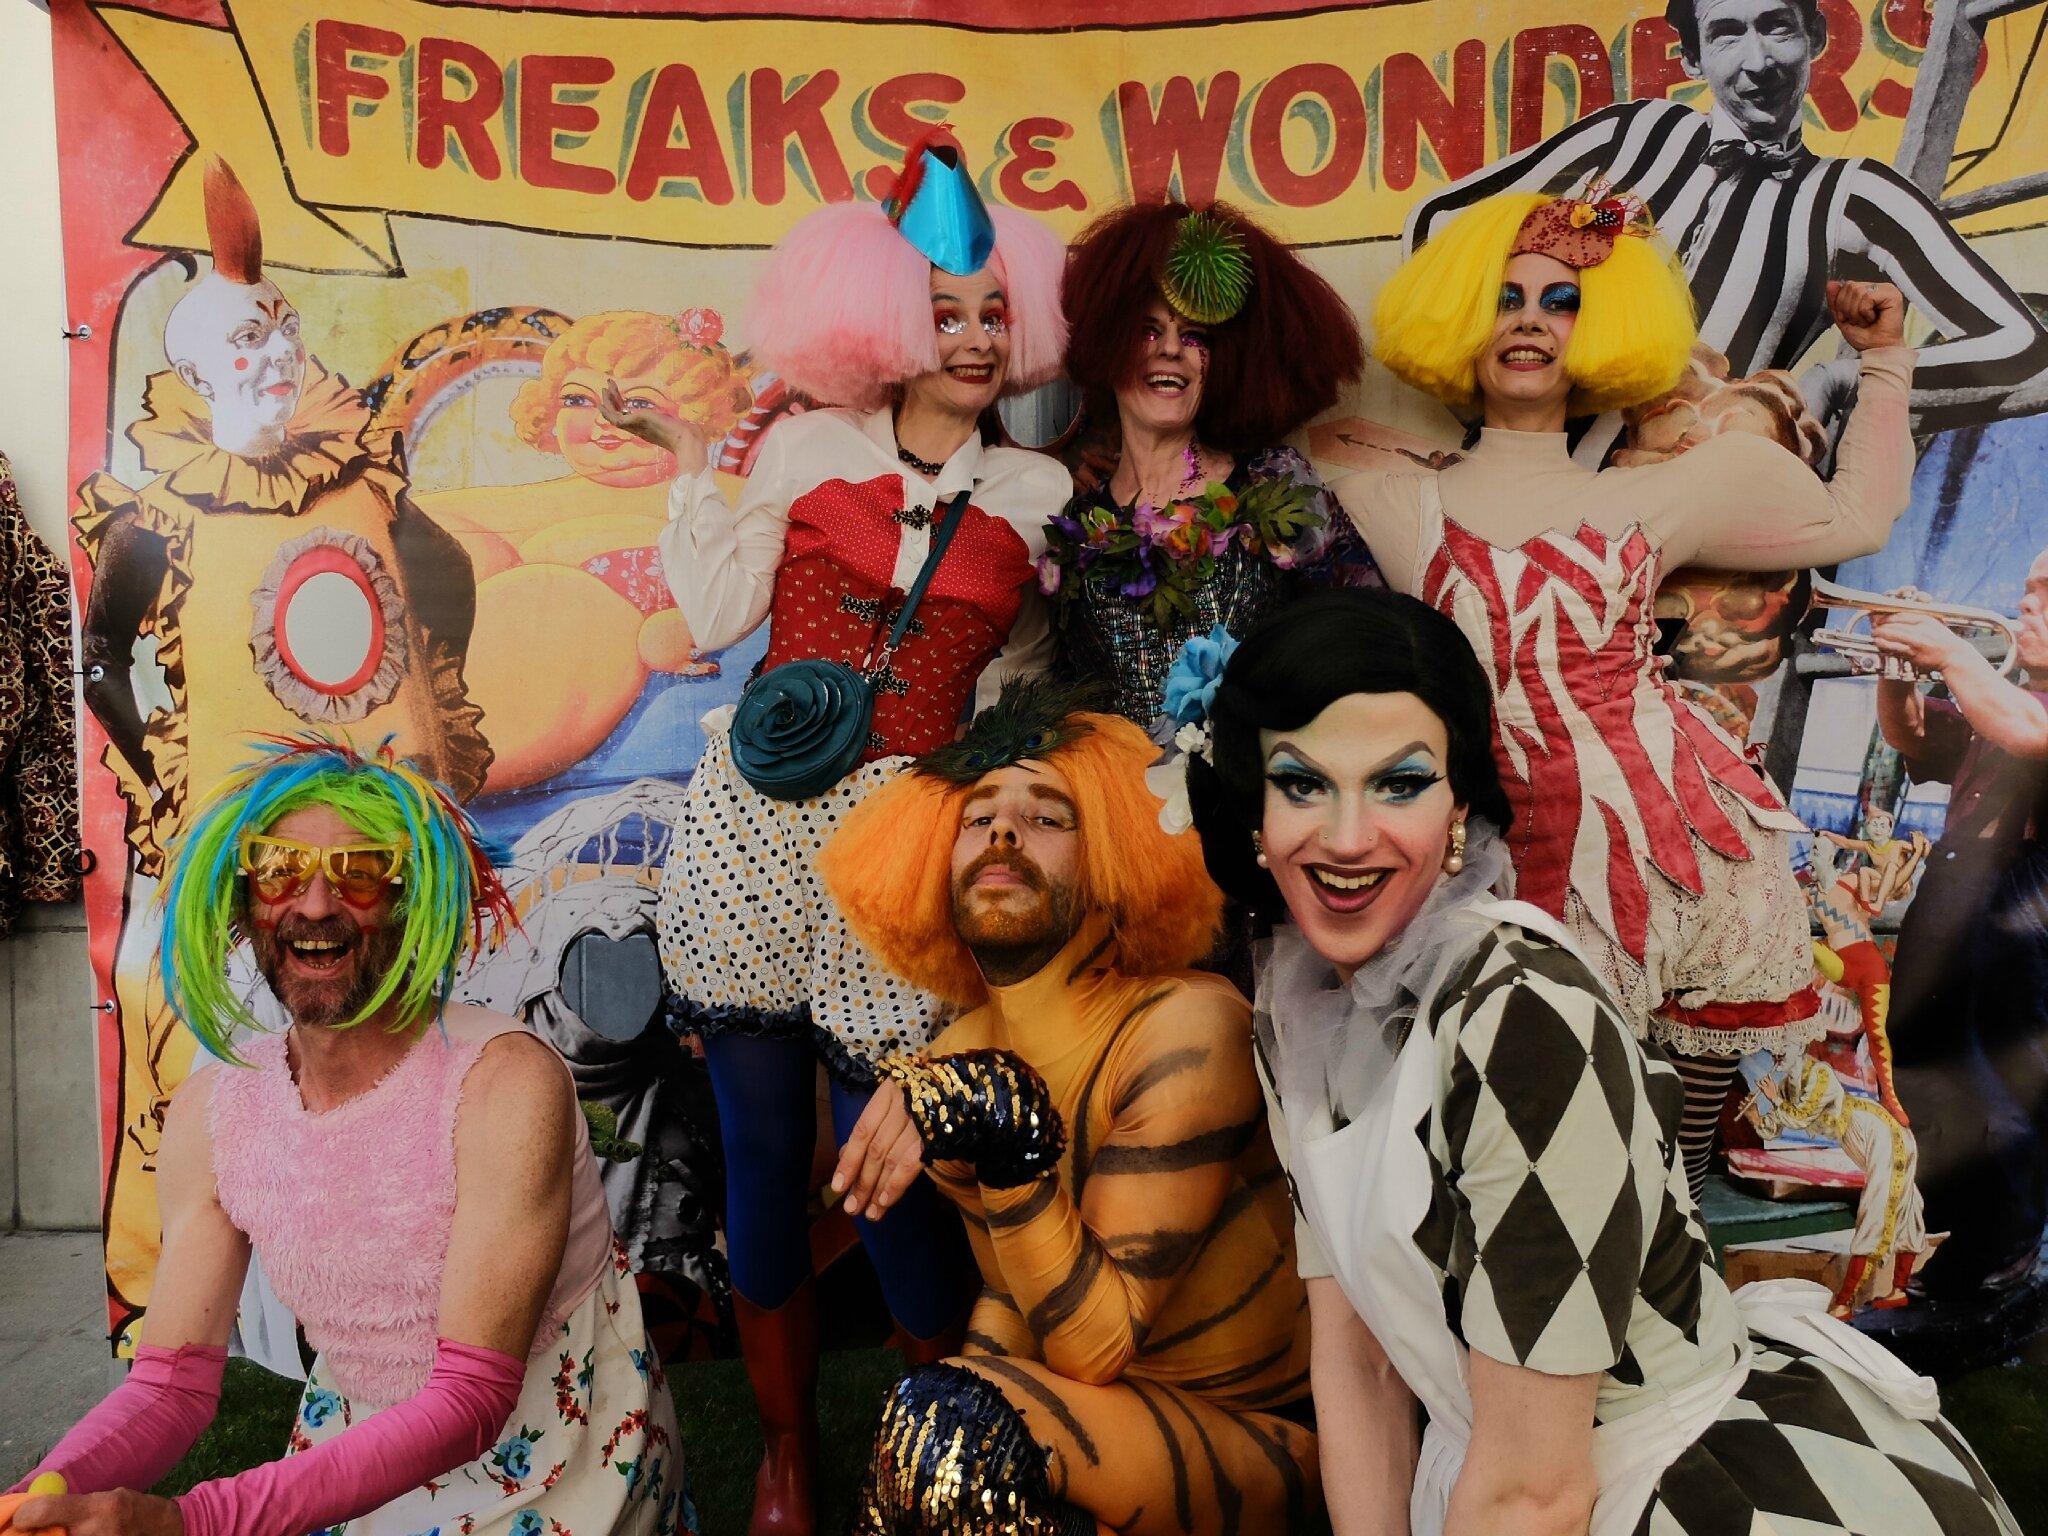 freaks is great